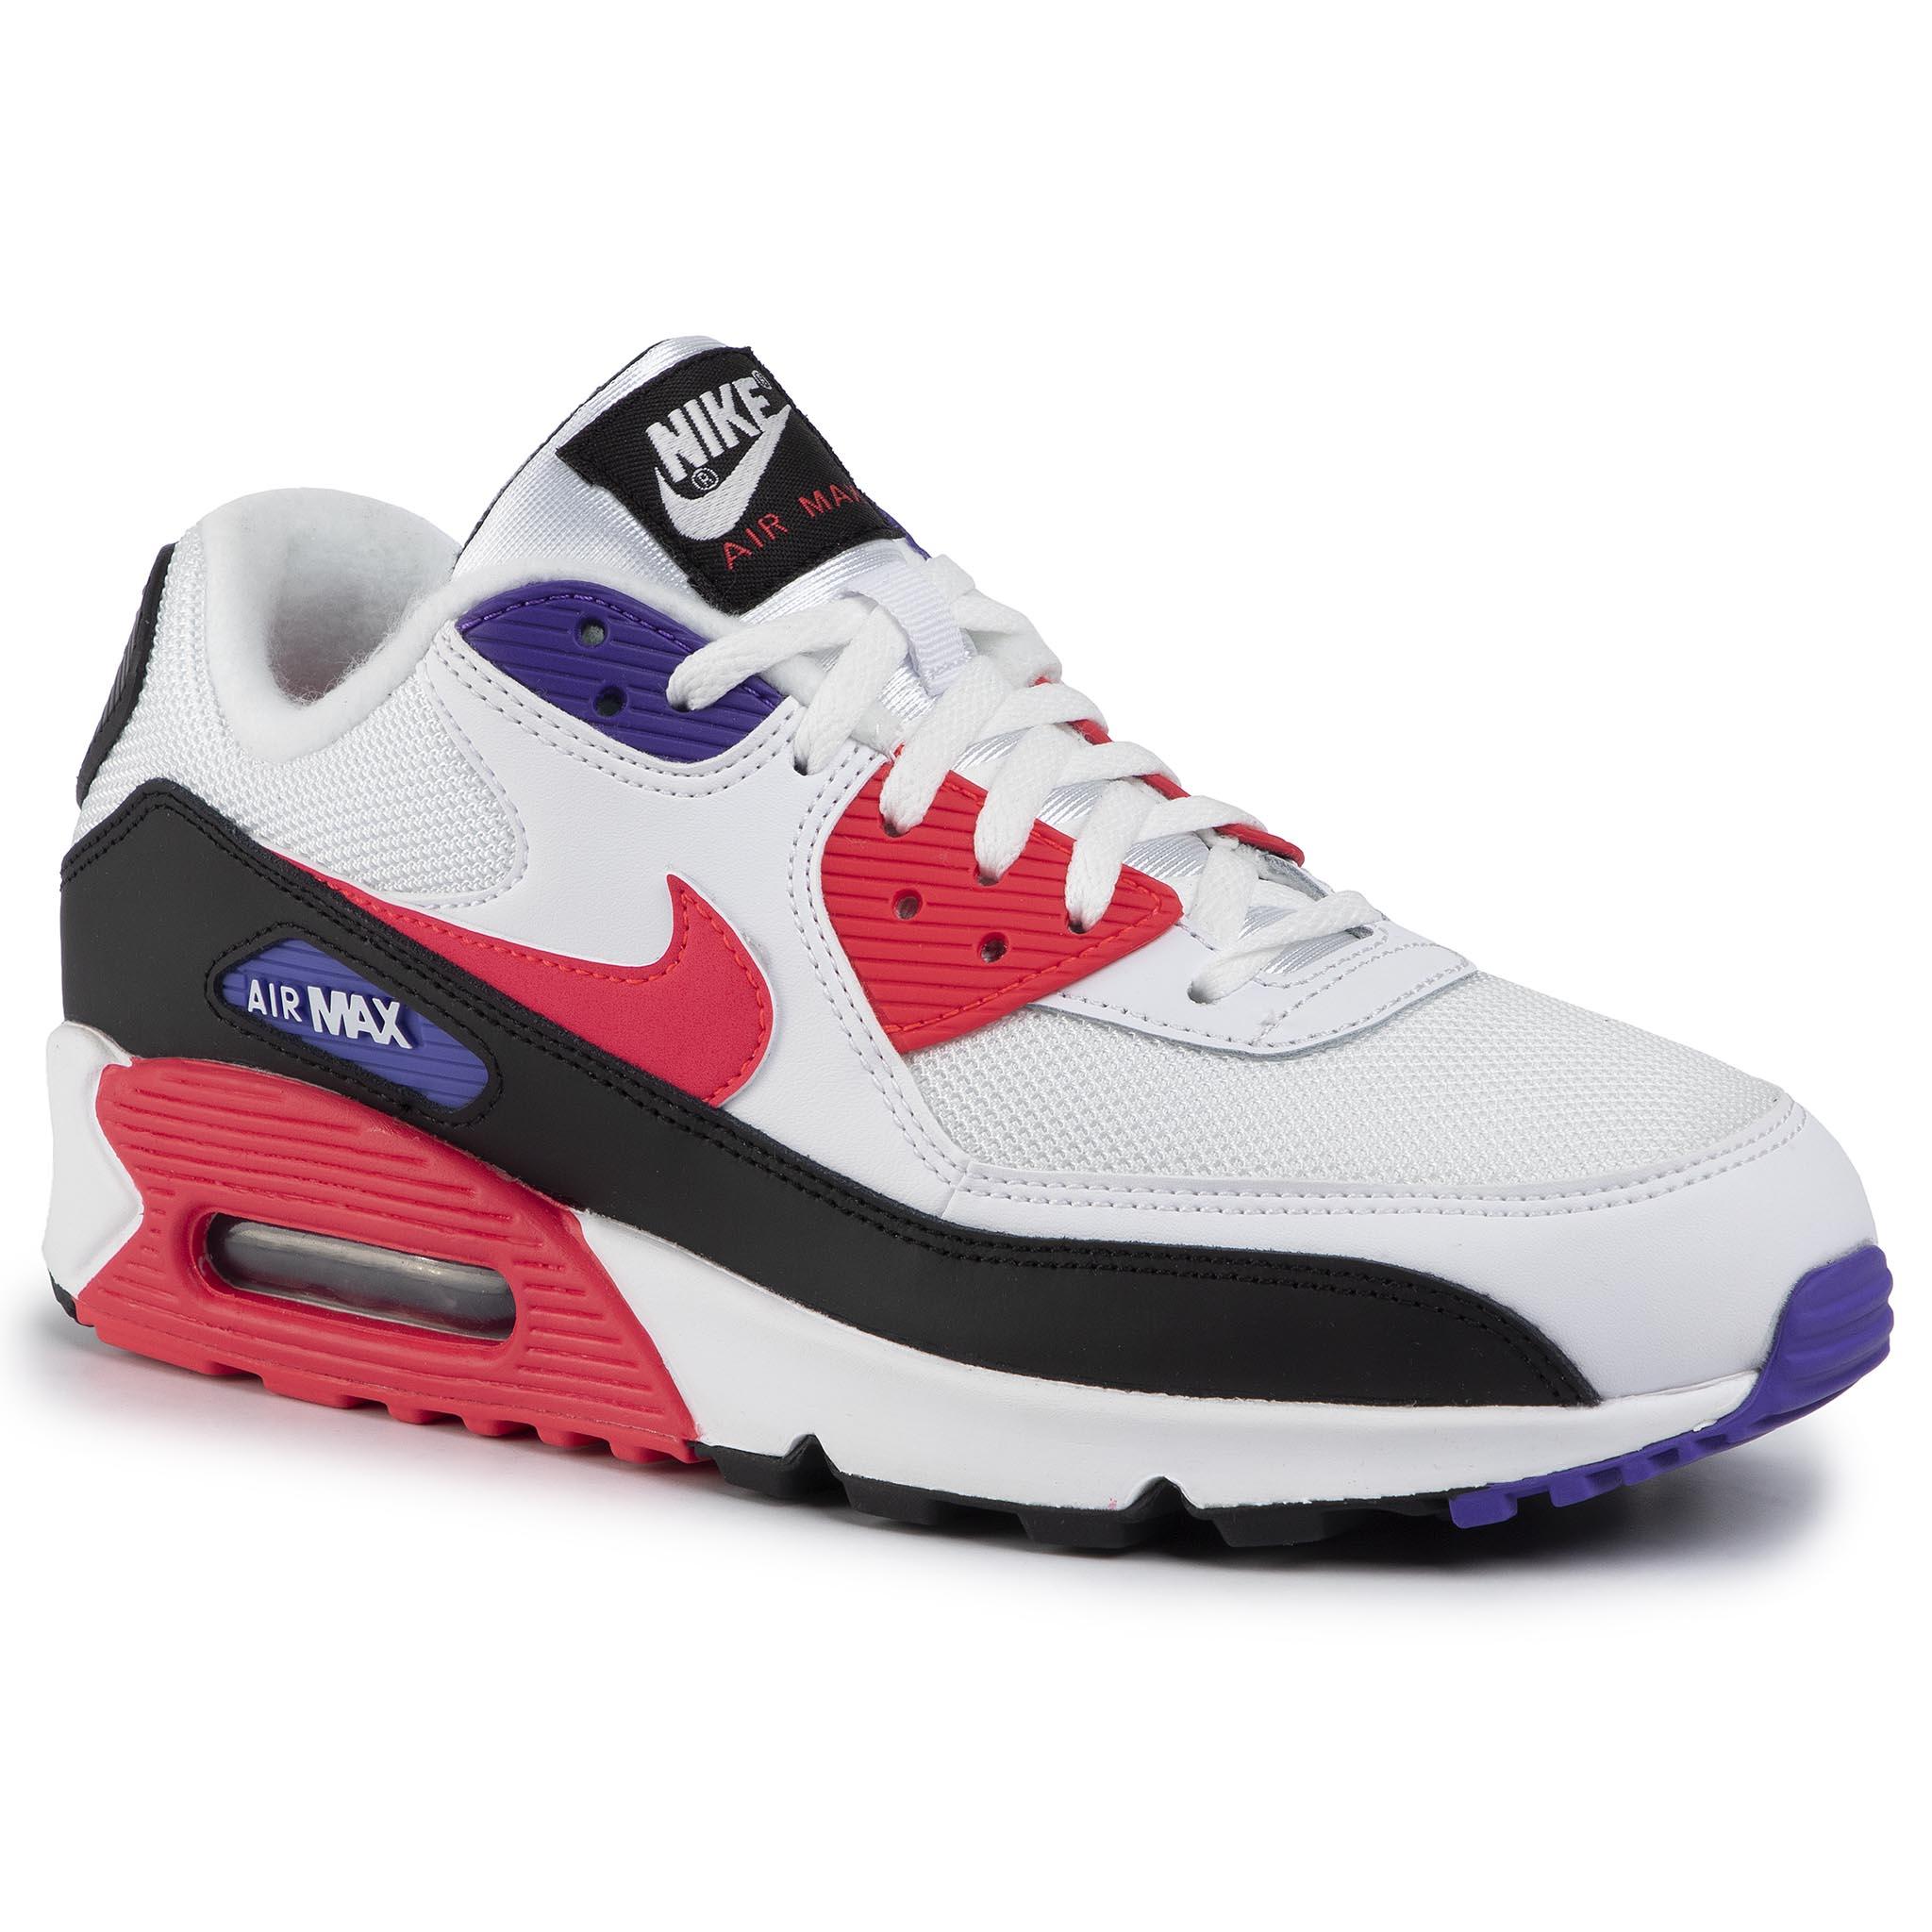 Shoes NIKE Air Max 90 Essential AJ1285 201 Medium Olive